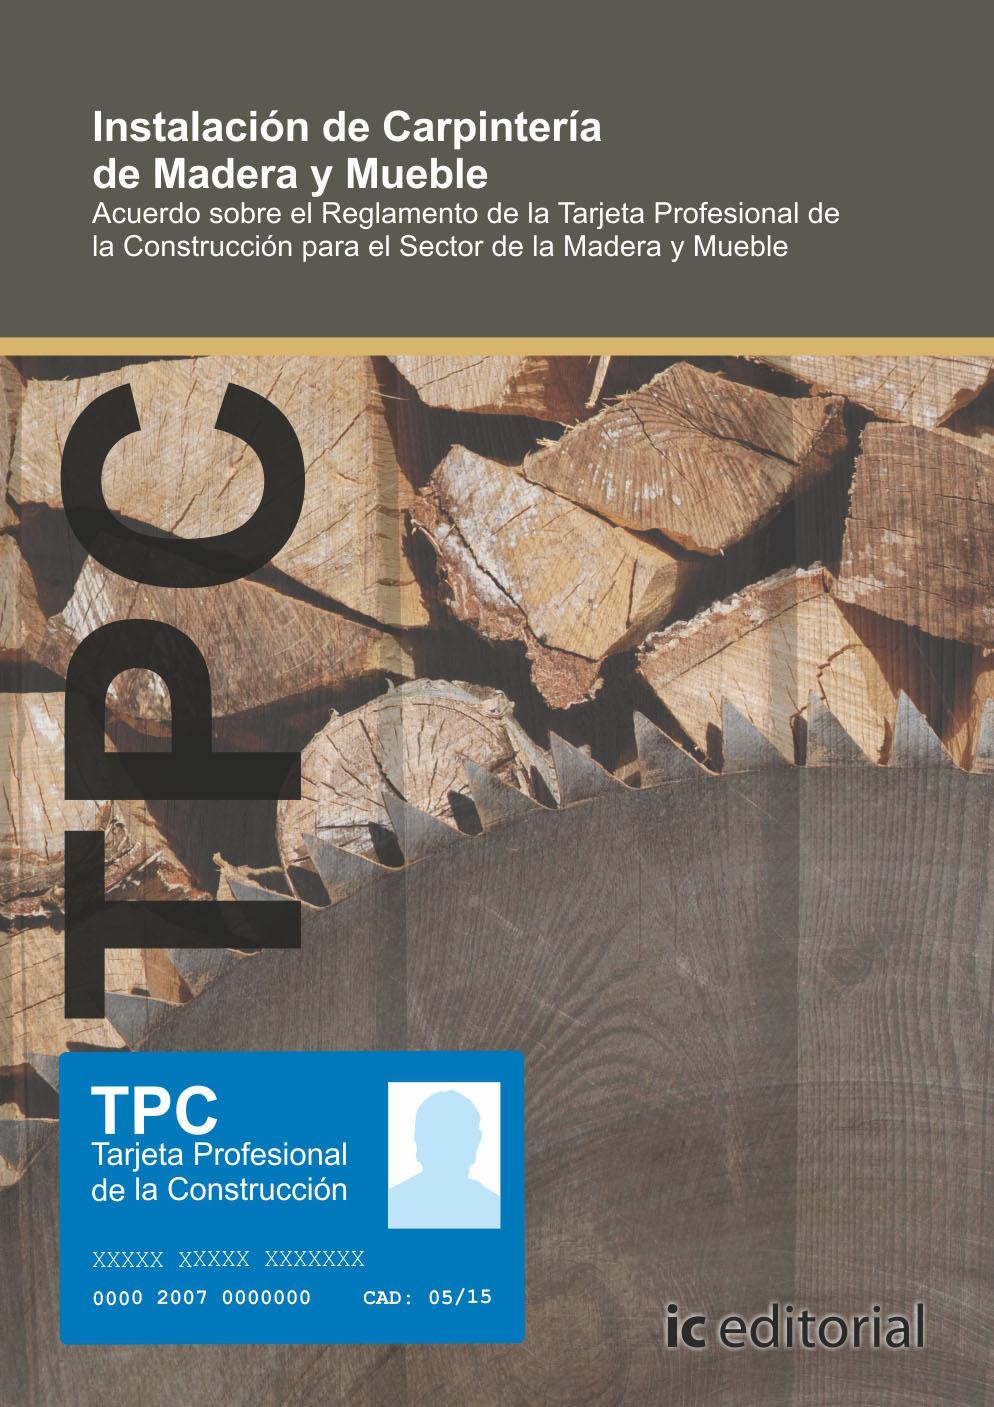 Tpc - madera y mueble - instalación de carpintería de madera y mueble